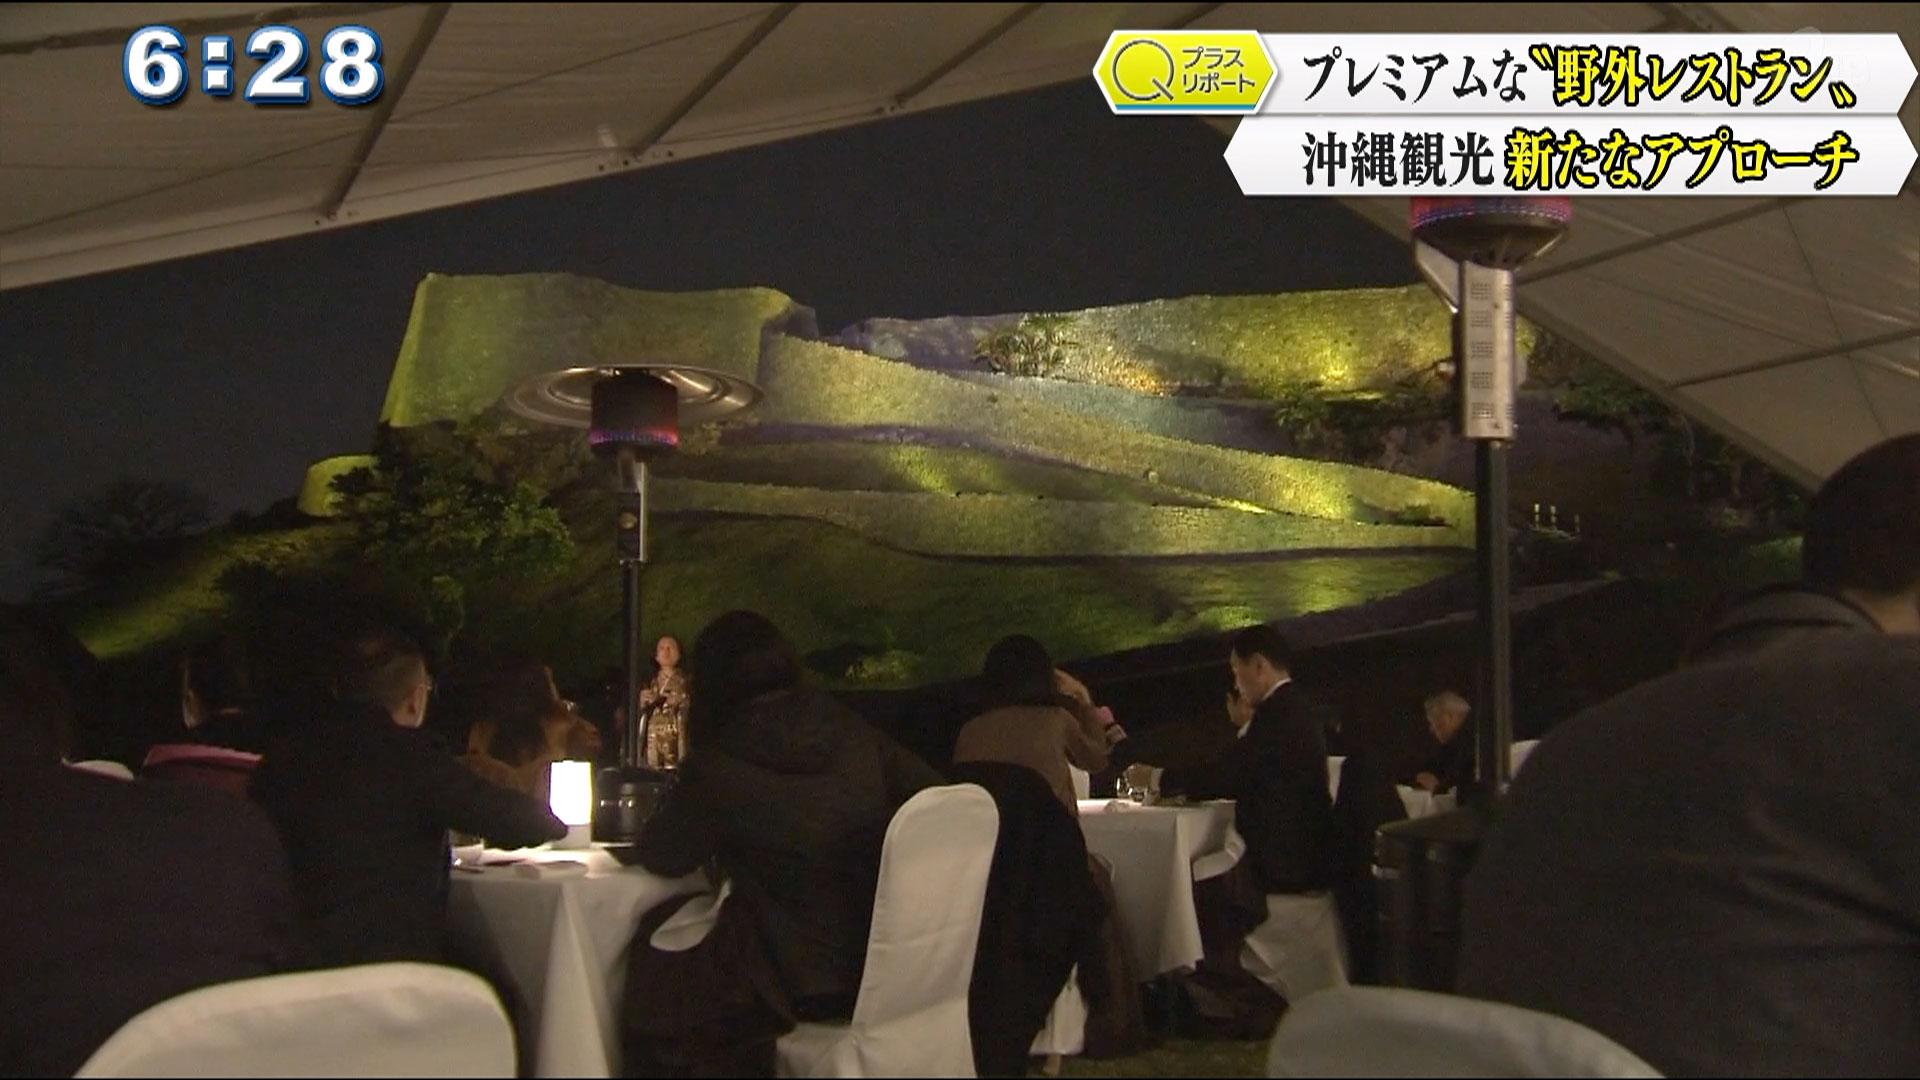 一夜で27万円 ハイクラスな沖縄観光を提案